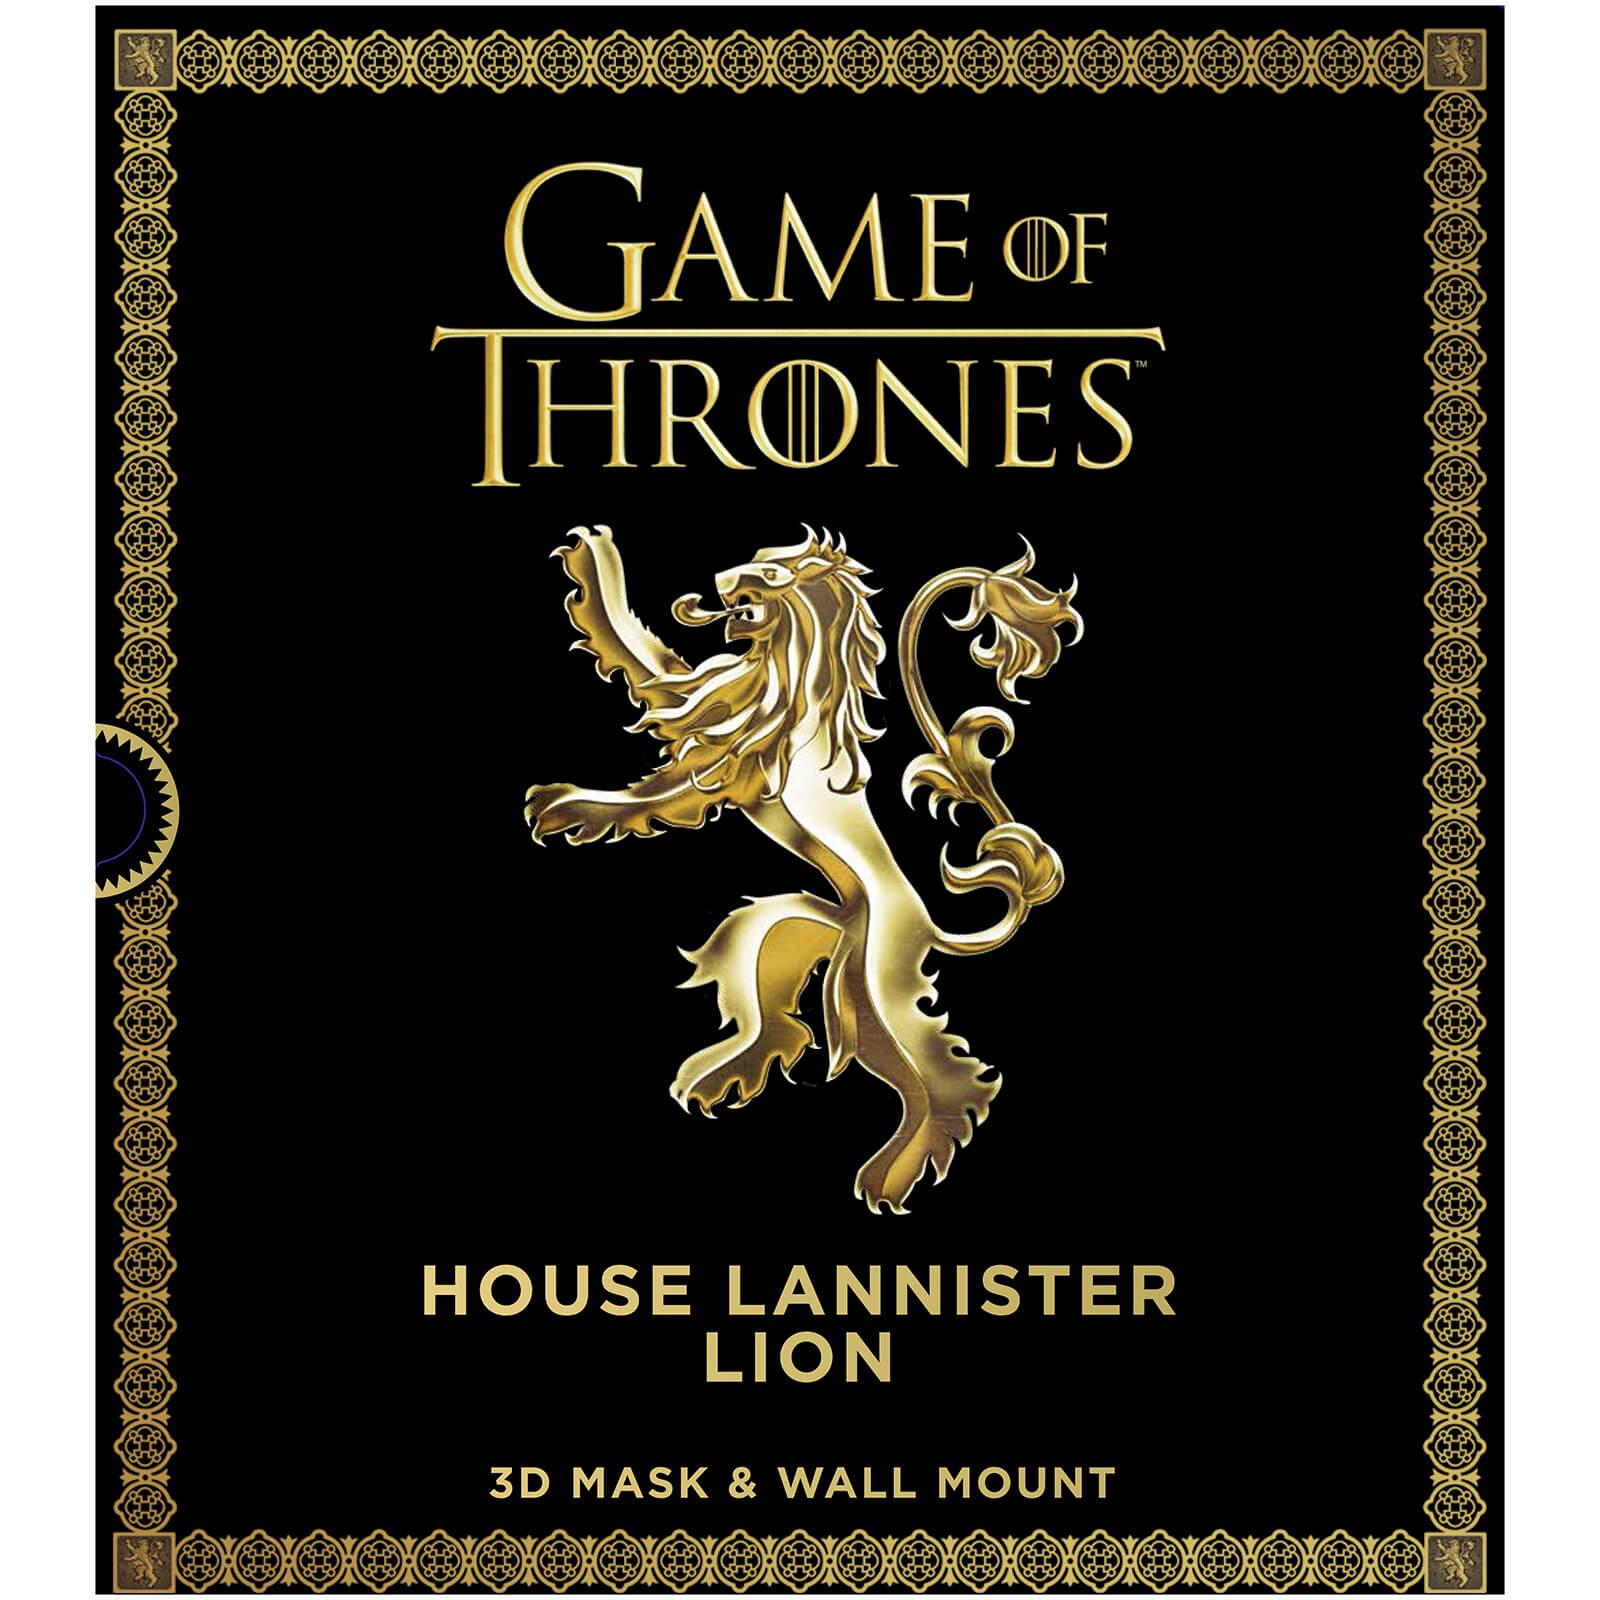 Máscara 3D león Lannister, Juego de Tronos